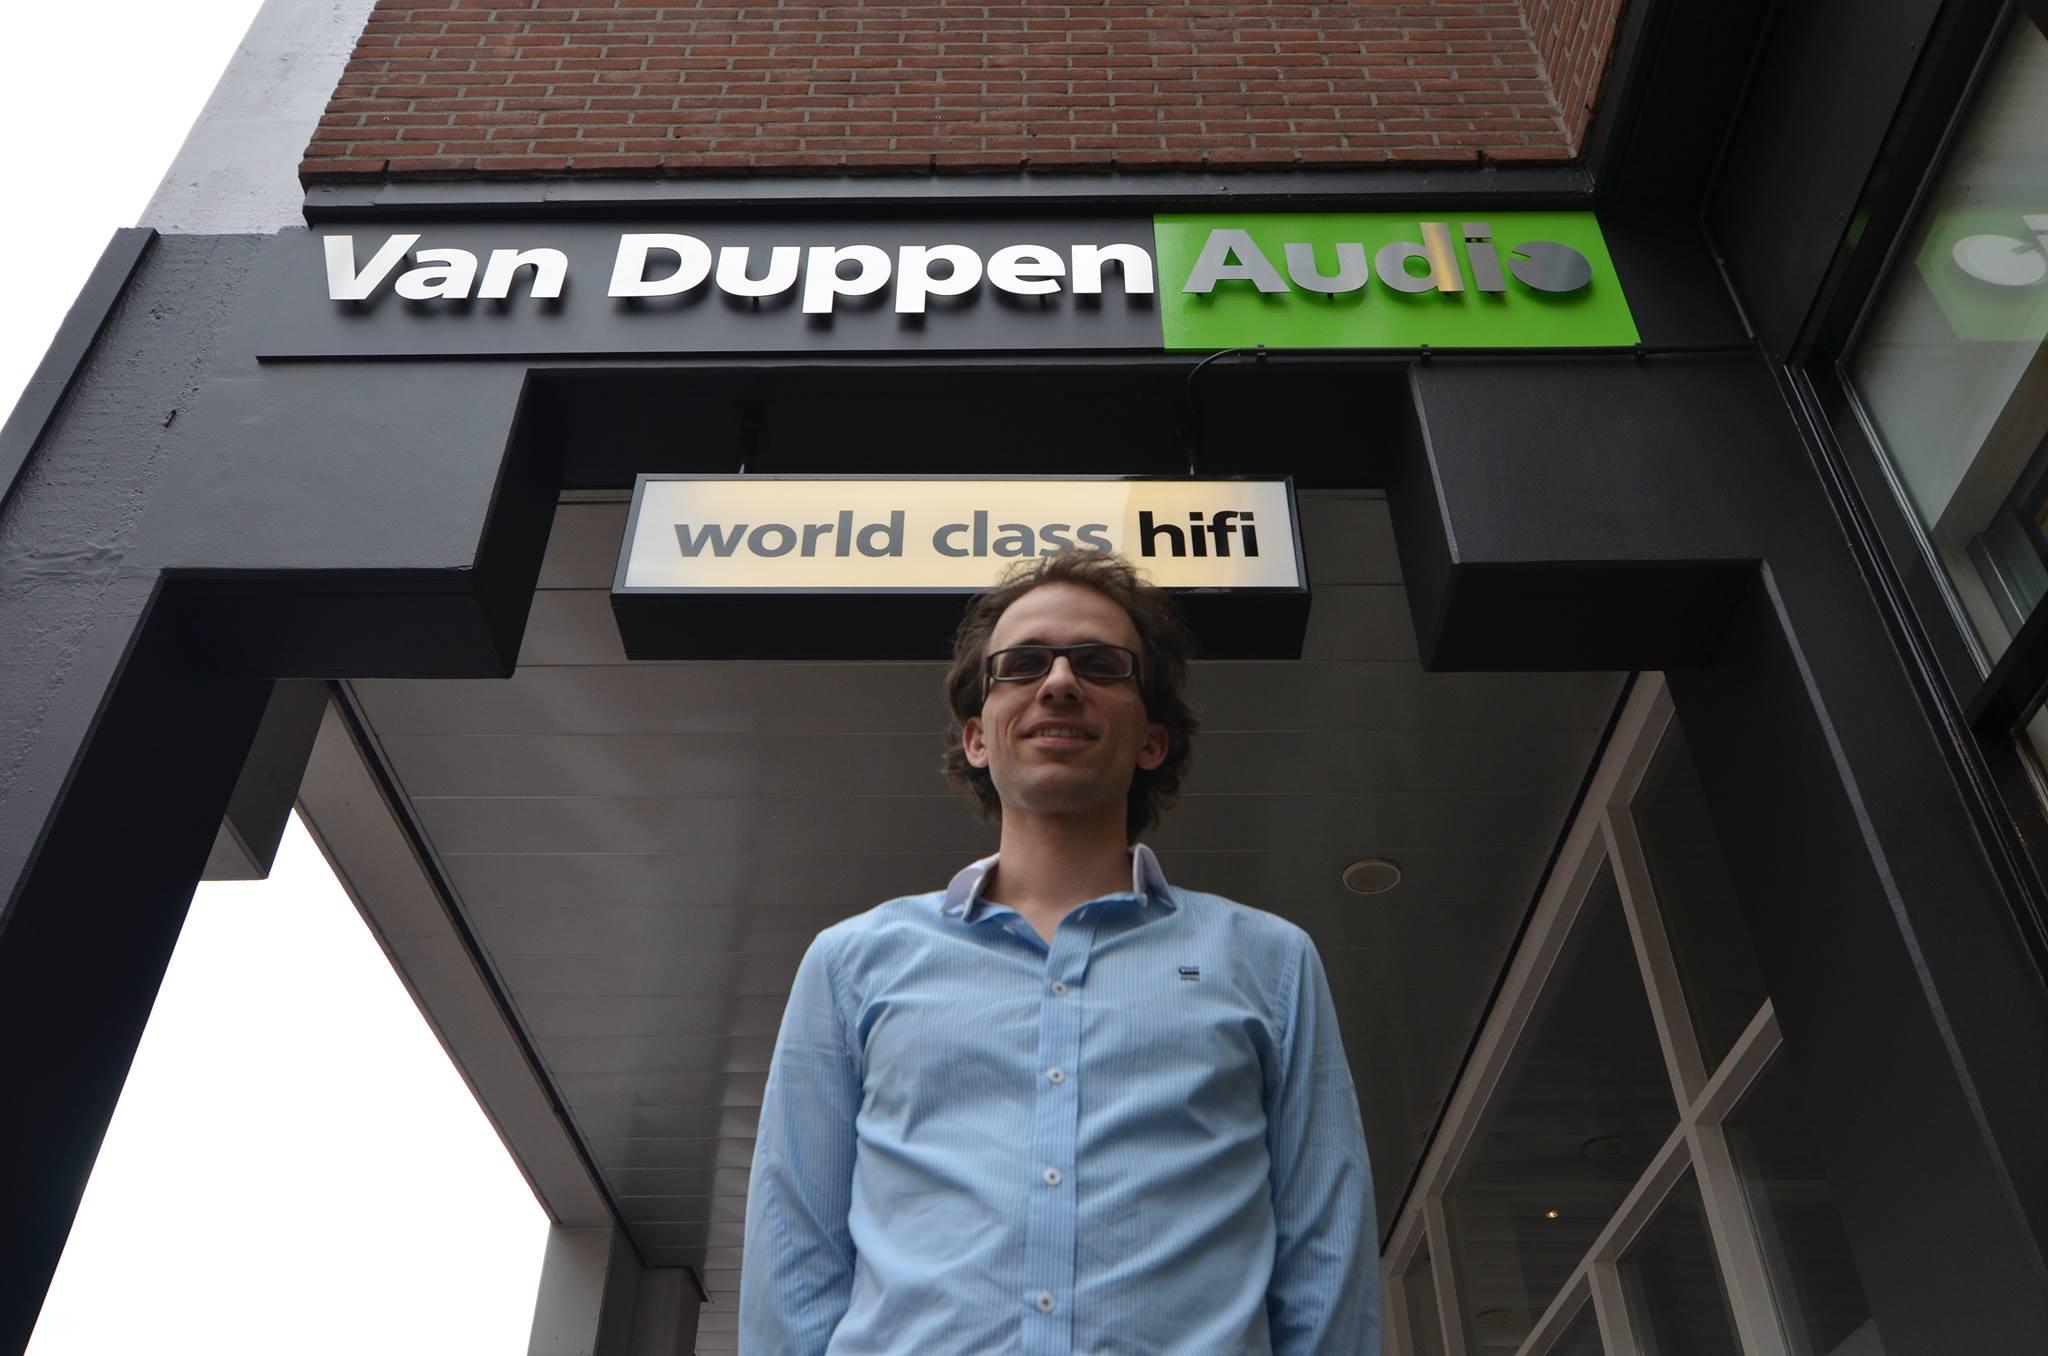 Van Duppen Hifi